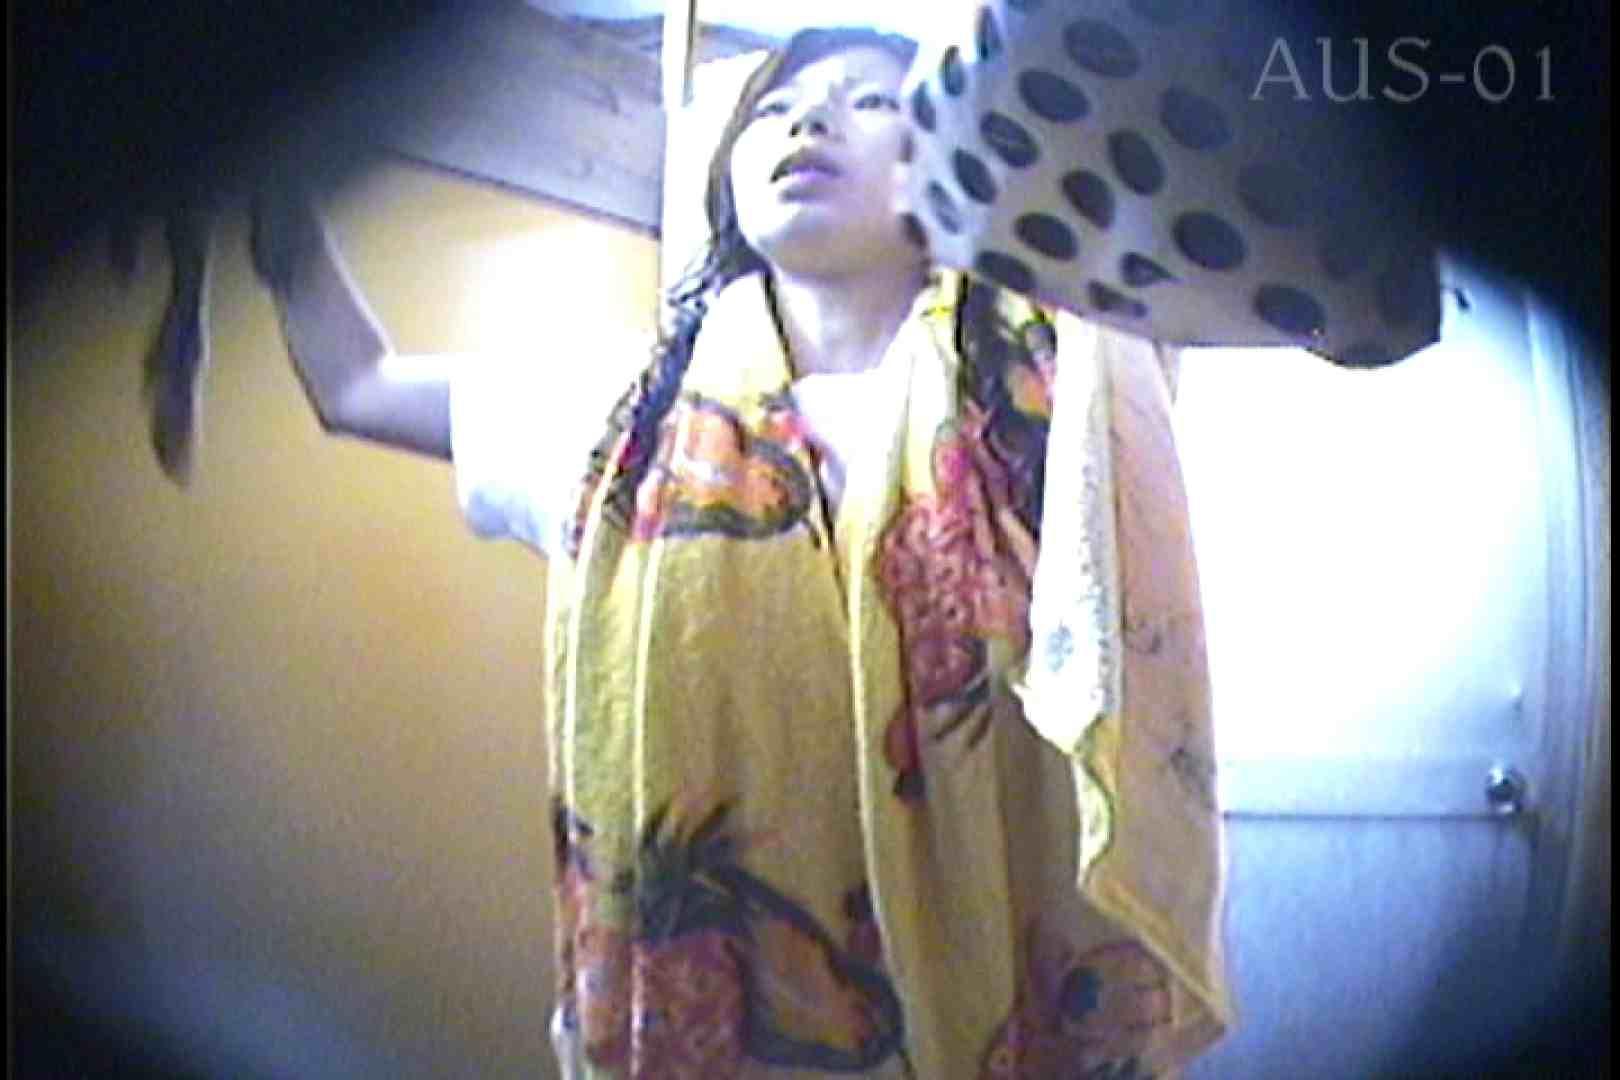 海の家の更衣室 Vol.01 シャワー オメコ動画キャプチャ 104枚 22